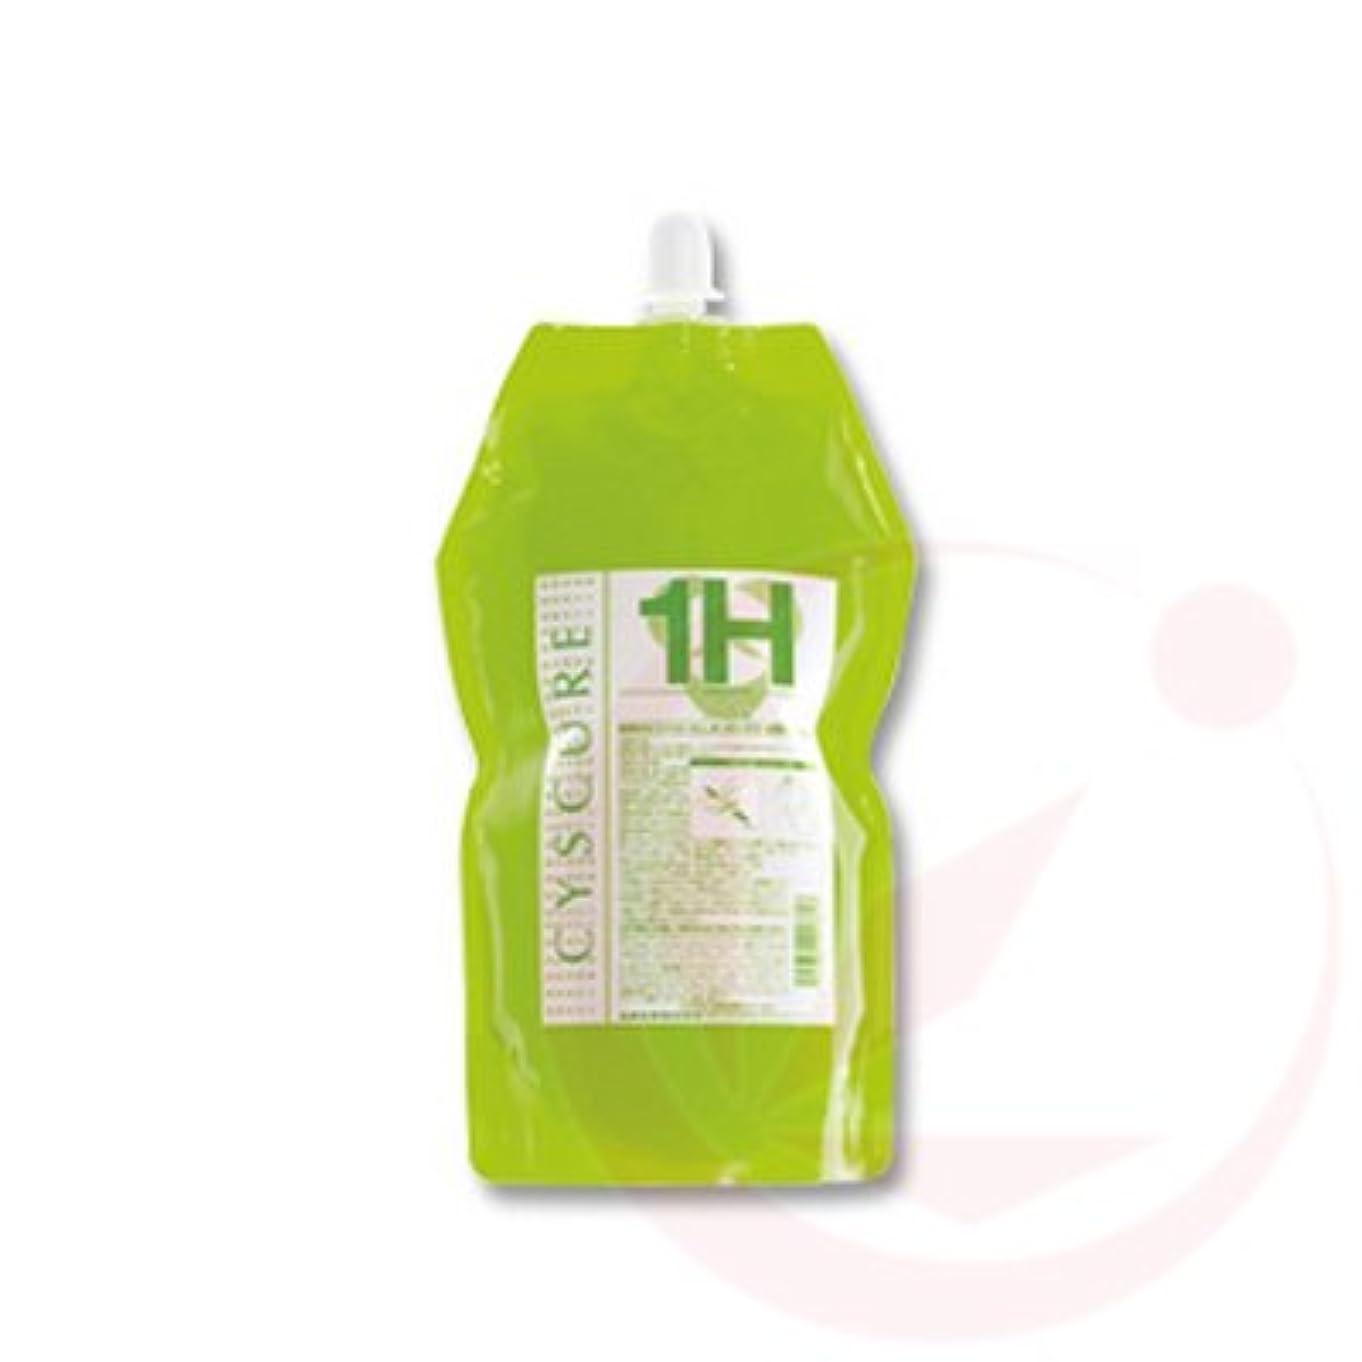 東ティモールタイプ解くタマリス シスキュア1H 1000g (パーマ剤/1剤)